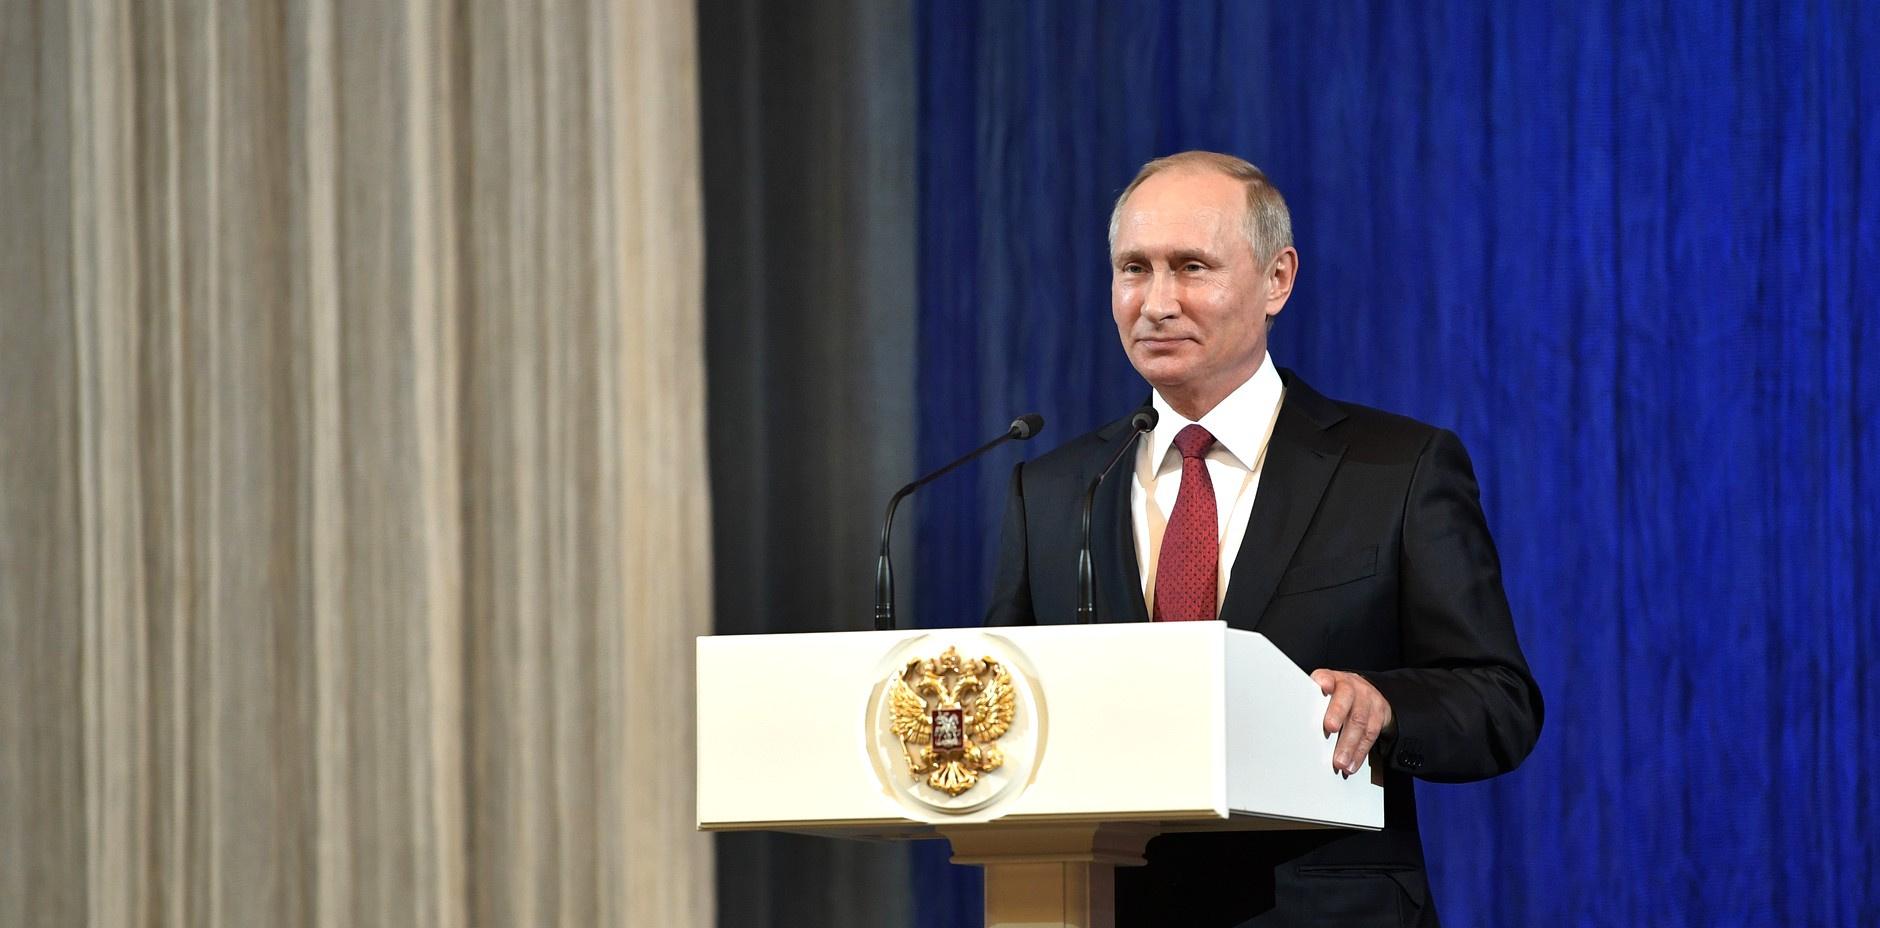 Putin at Podium.2 (1)